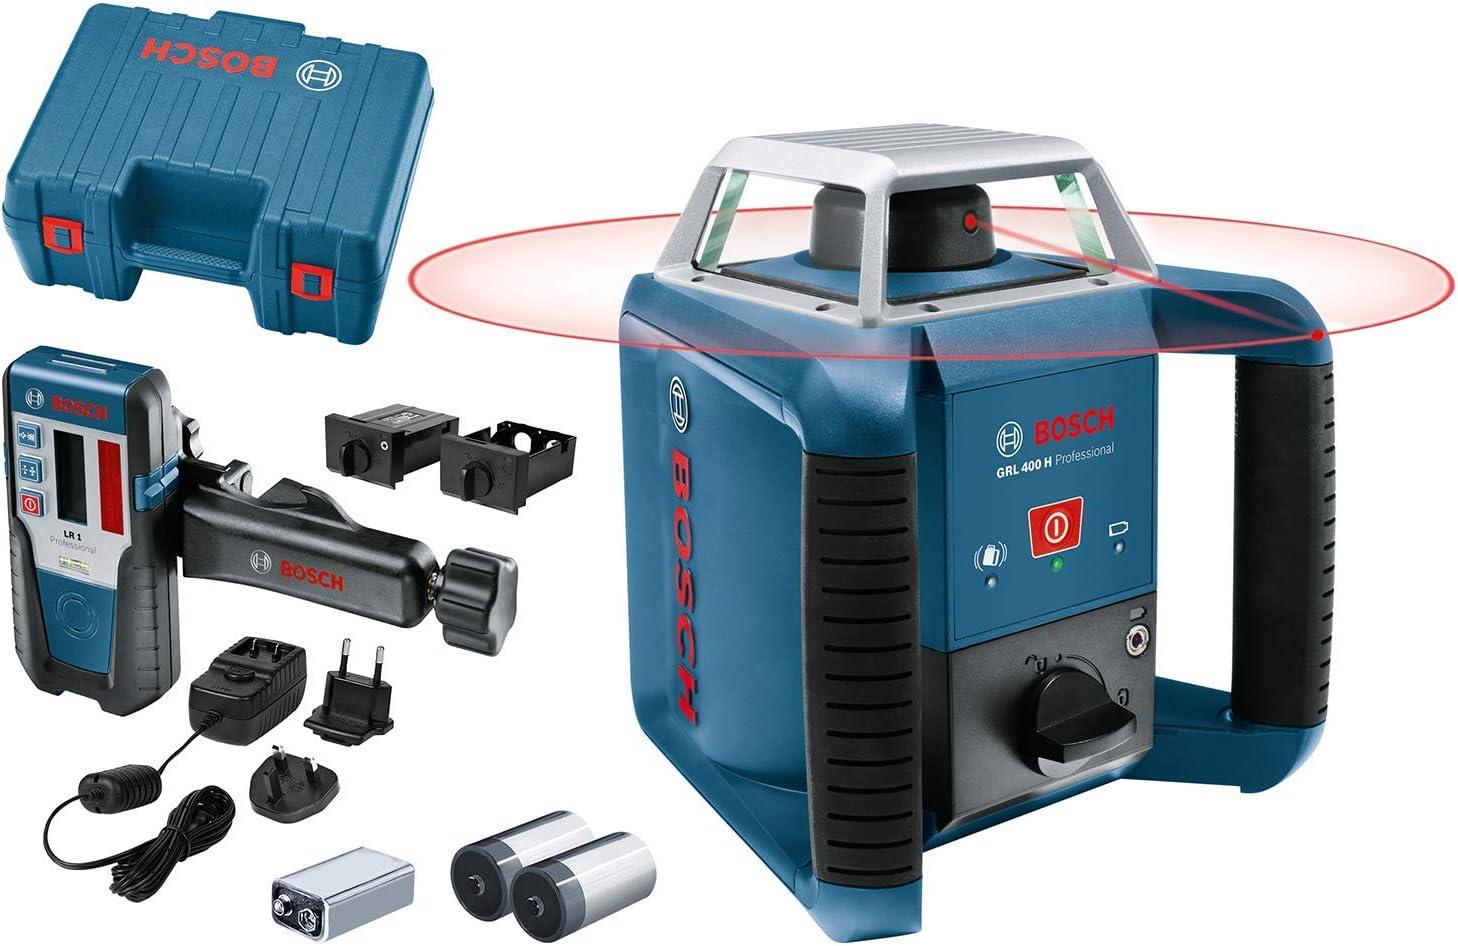 Bosch Professional GRL 400 HL Rotation Laser with LR1 + Bracket